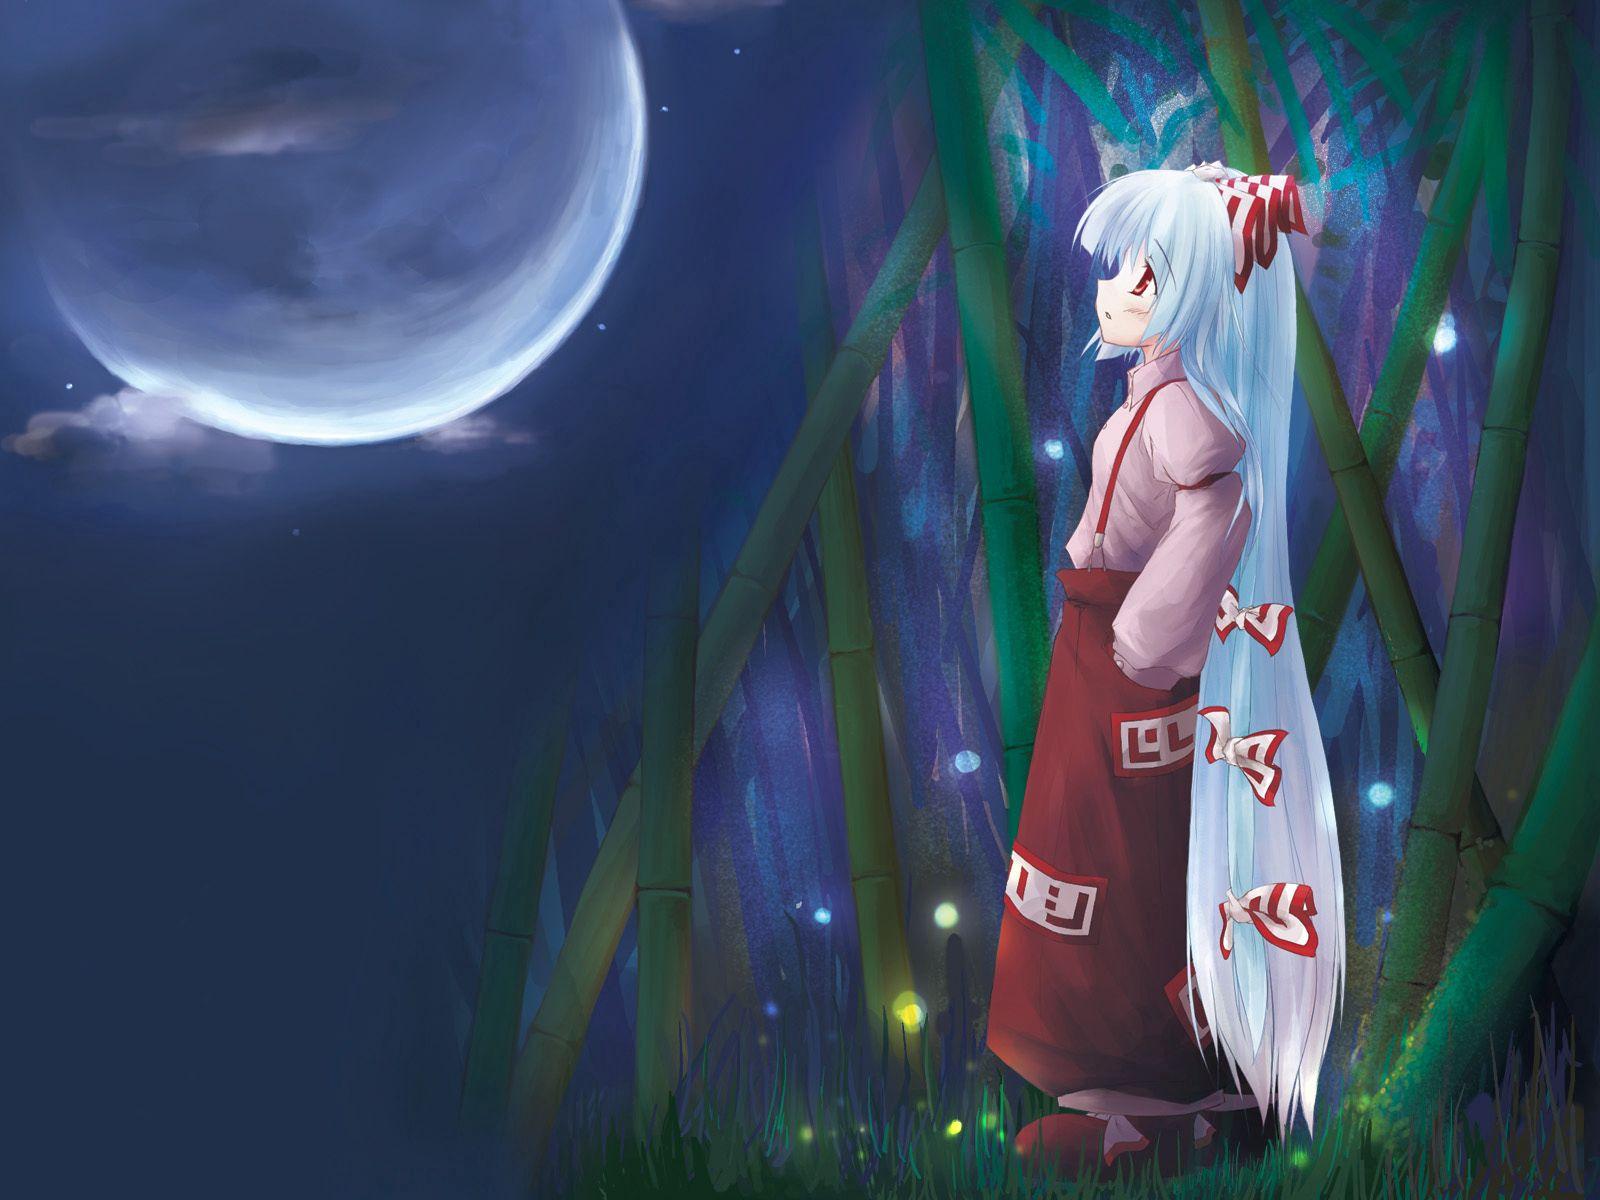 103035 скачать обои Аниме, Девочка, Задумчивая, Кимоно, Луна - заставки и картинки бесплатно